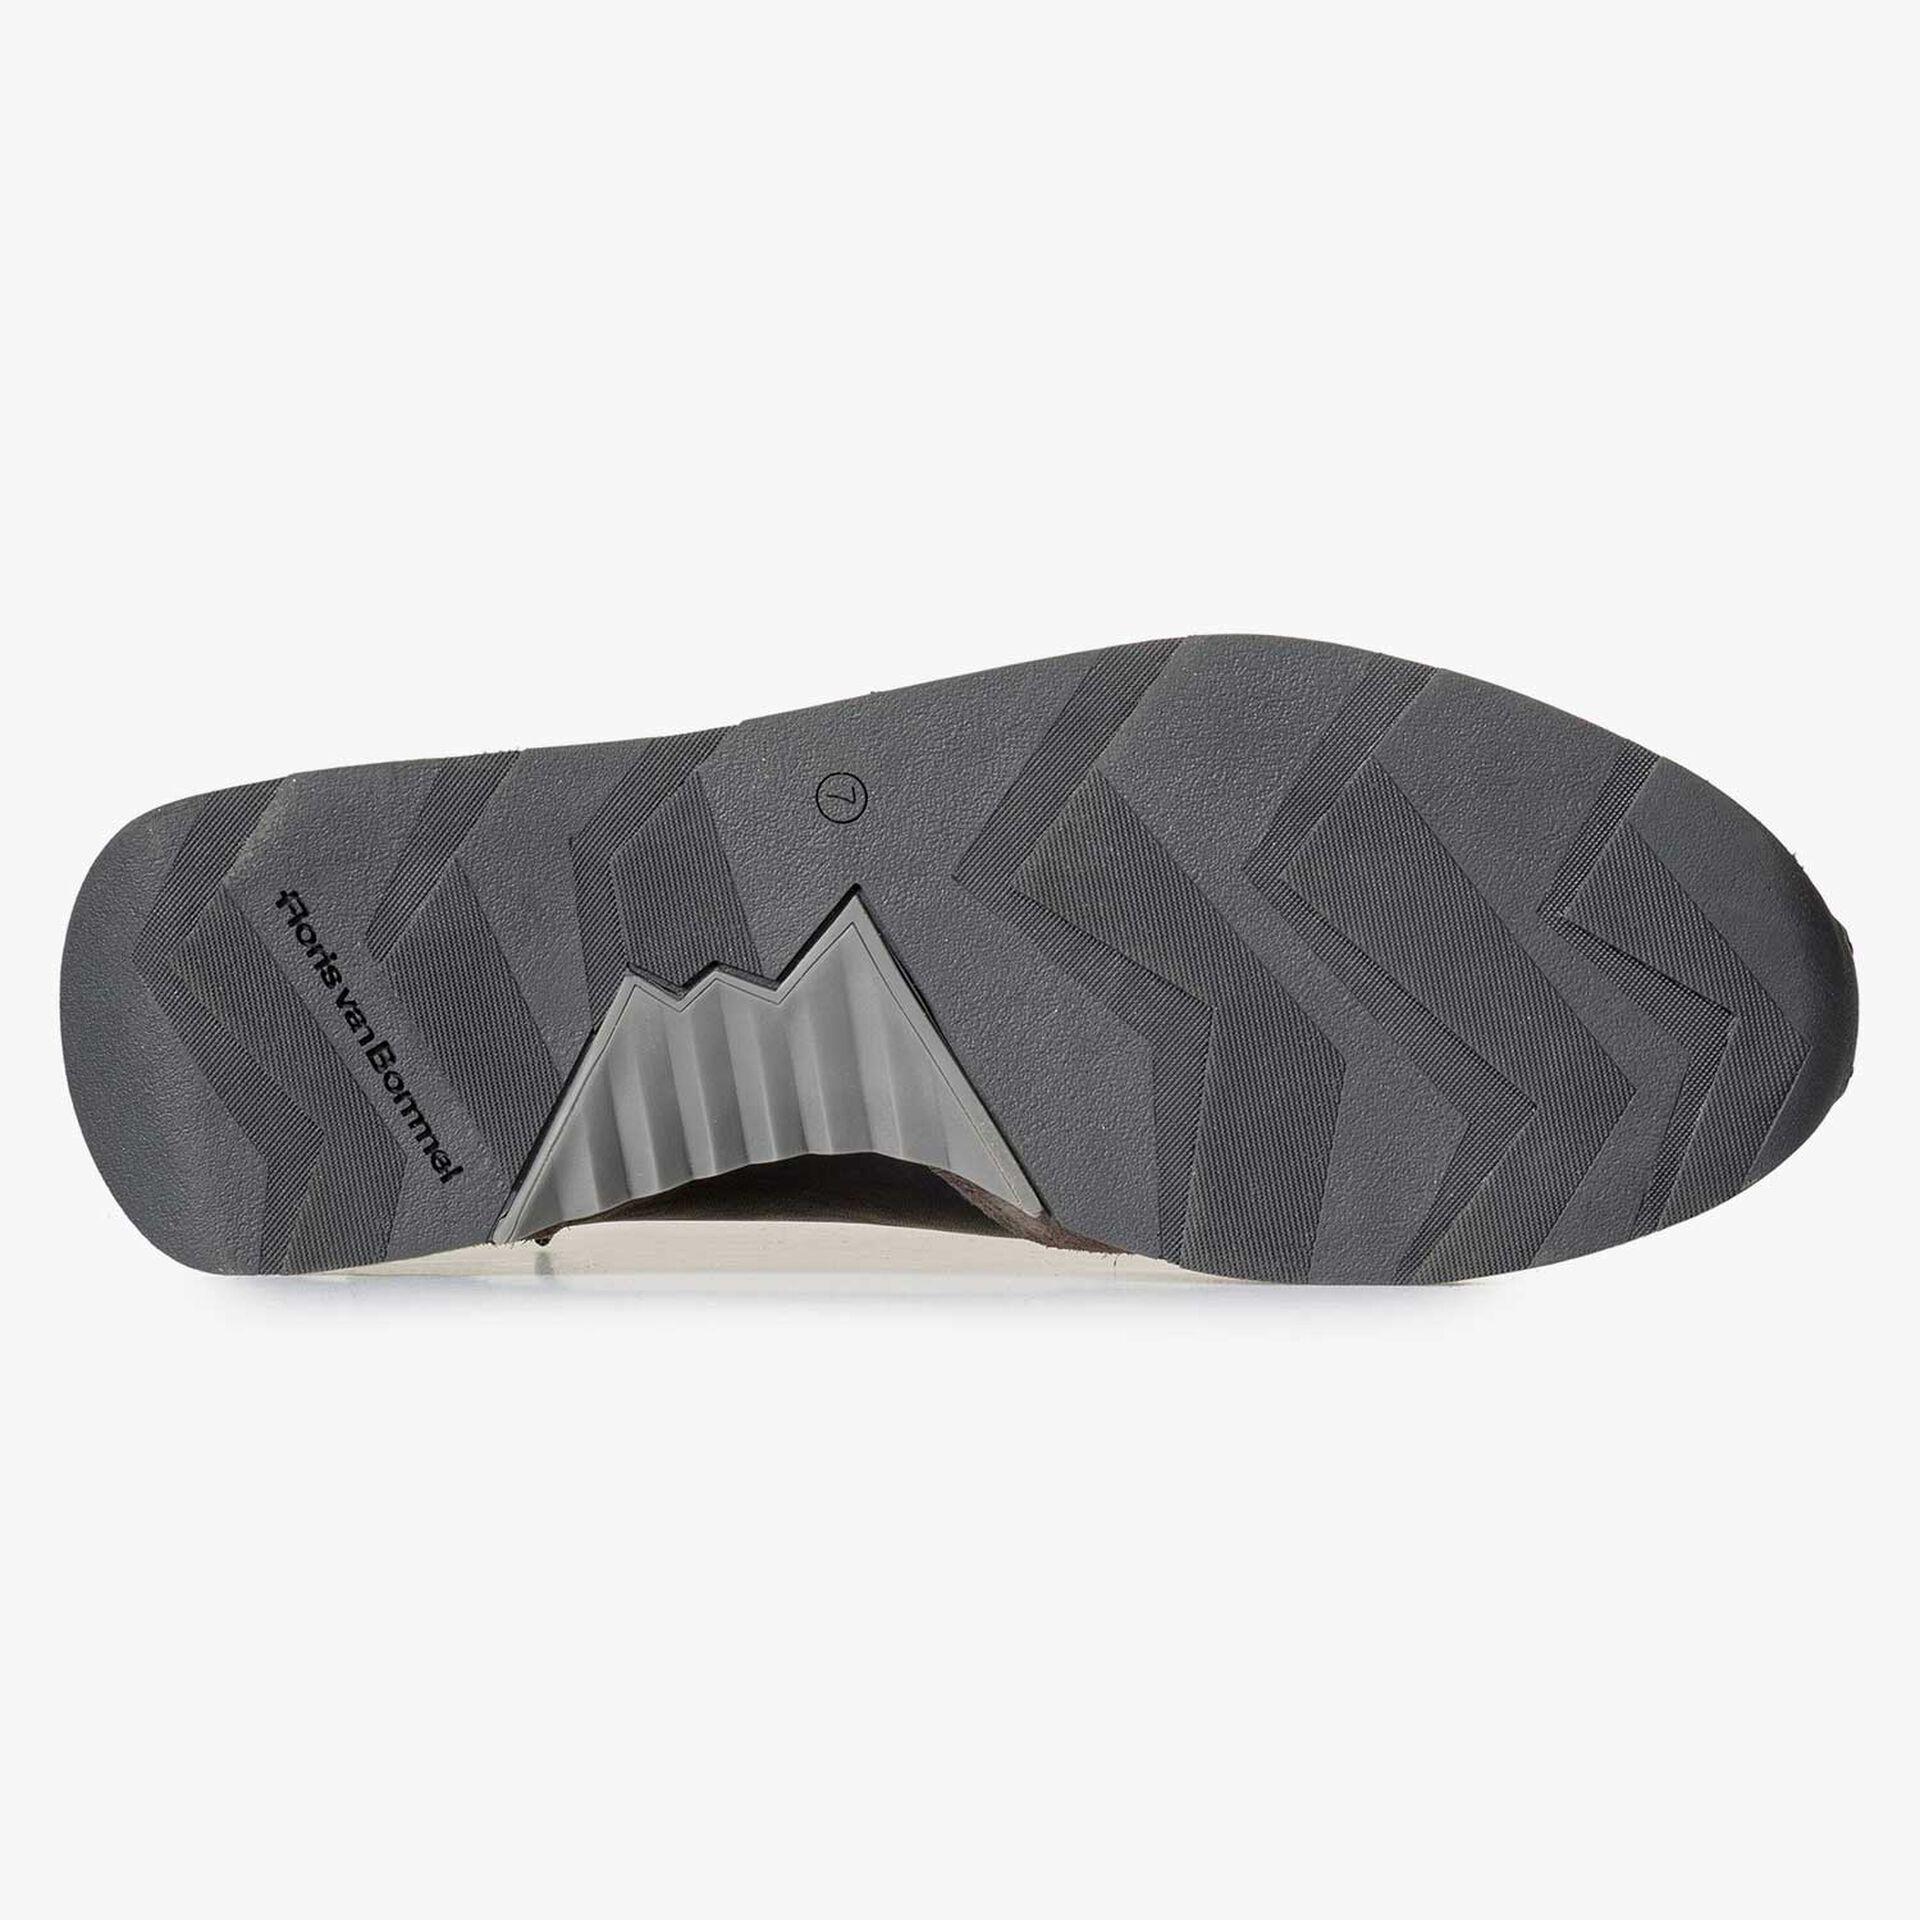 Blauw/ grijsbruine leren sneaker met F logo